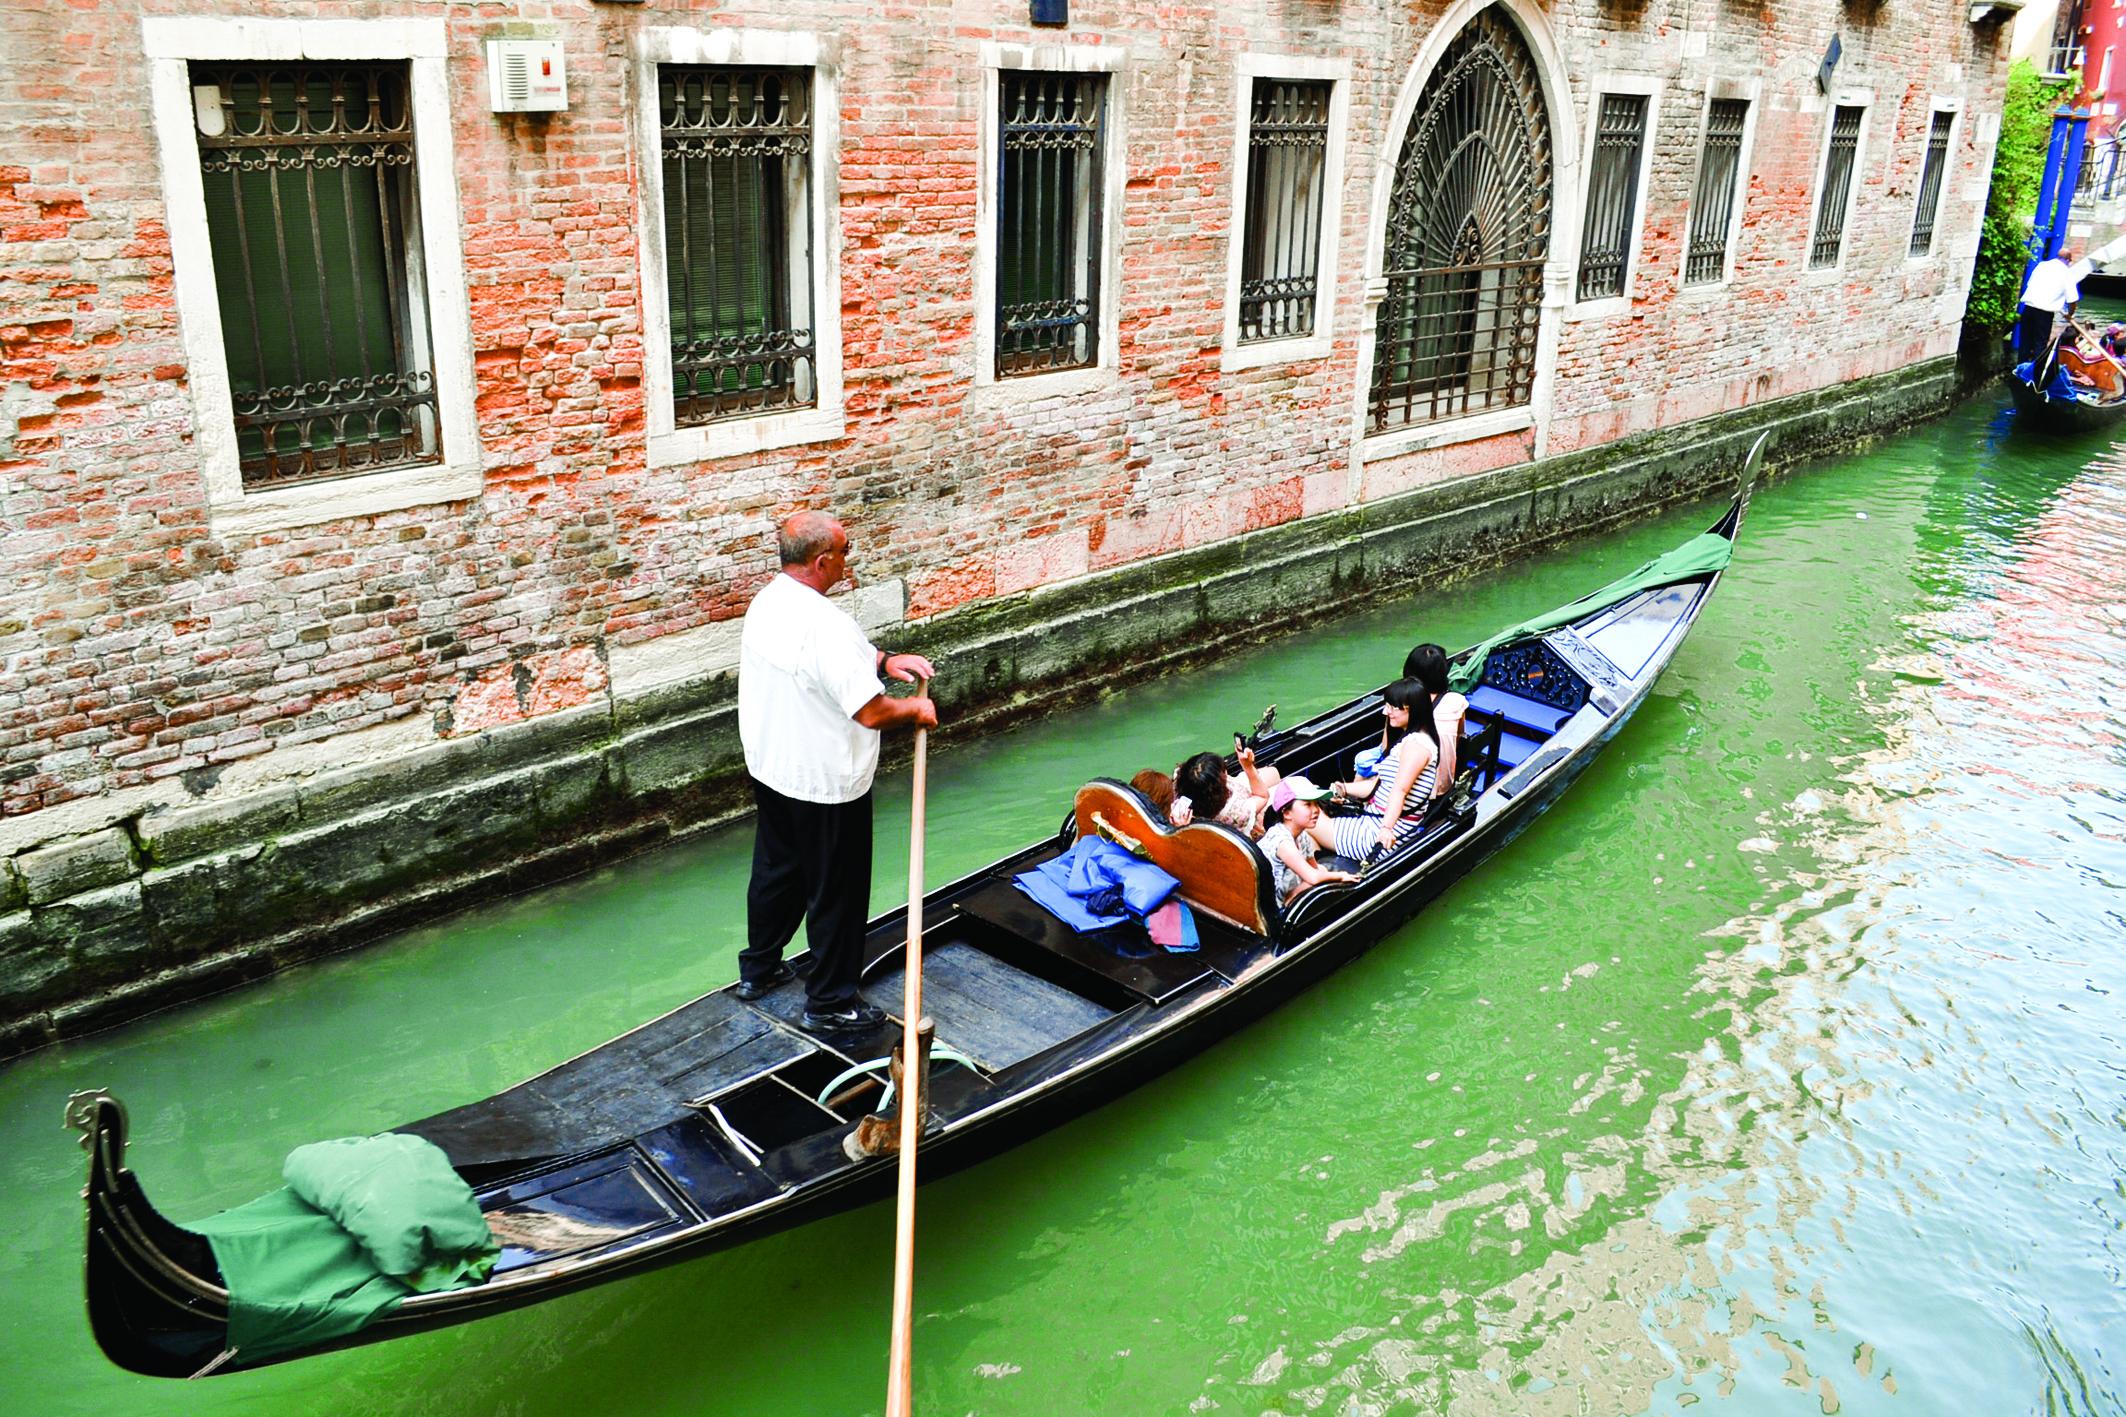 Du khách Việt du ngoạn ở TP Venice - Ý. Ảnh: NGỌC CÚC